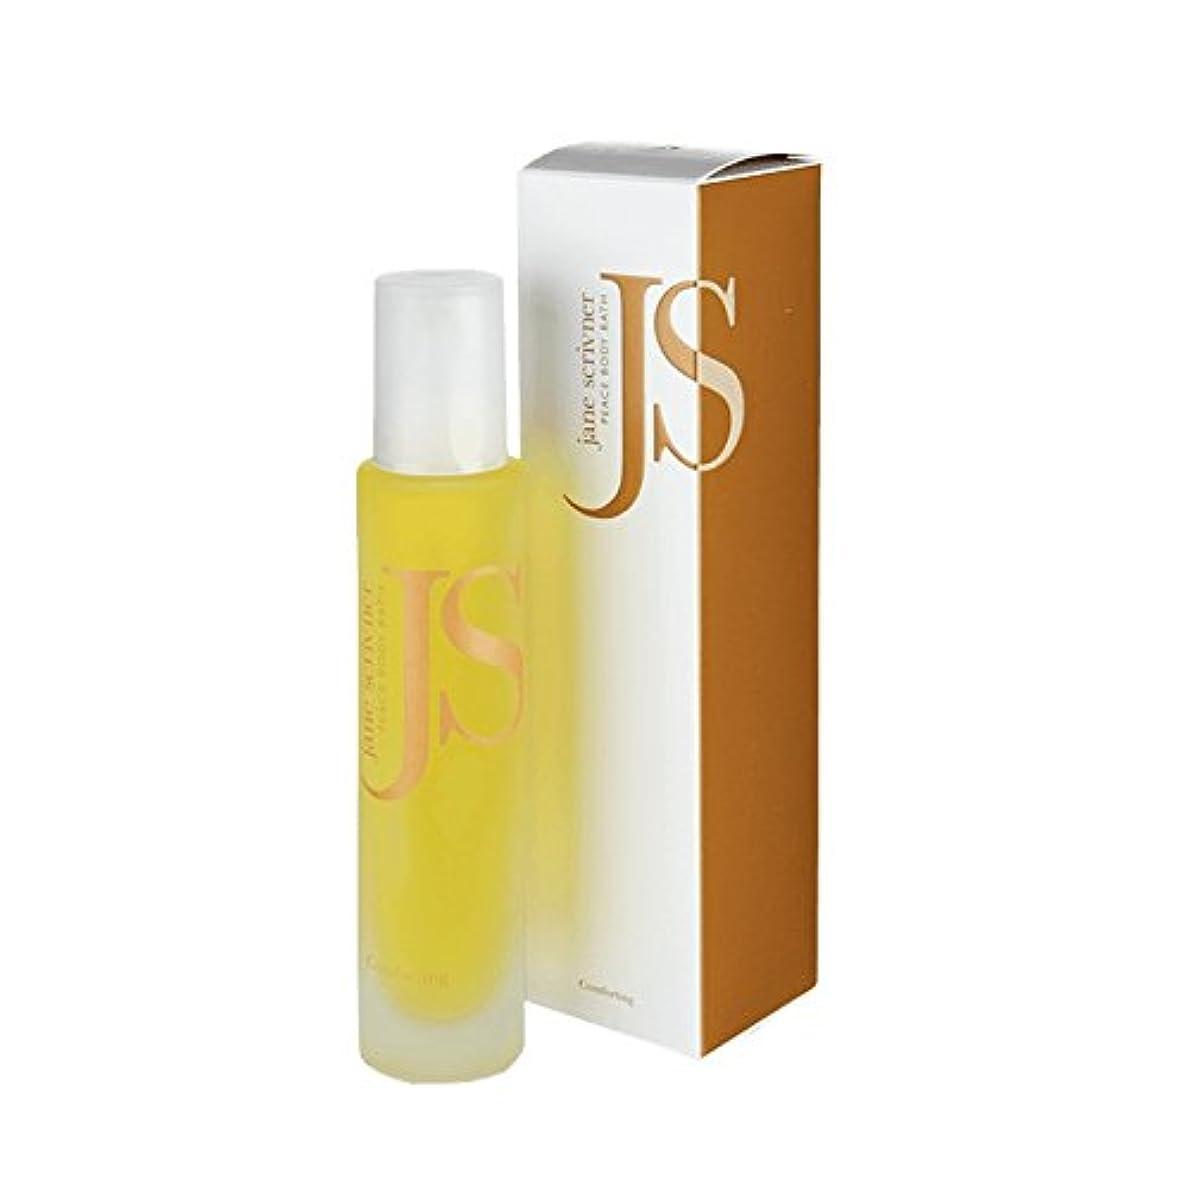 マンモス努力プライバシーJane Scrivner Body Bath Oil Peace 100ml (Pack of 6) - ジェーンScrivnerボディバスオイル平和100ミリリットル (x6) [並行輸入品]